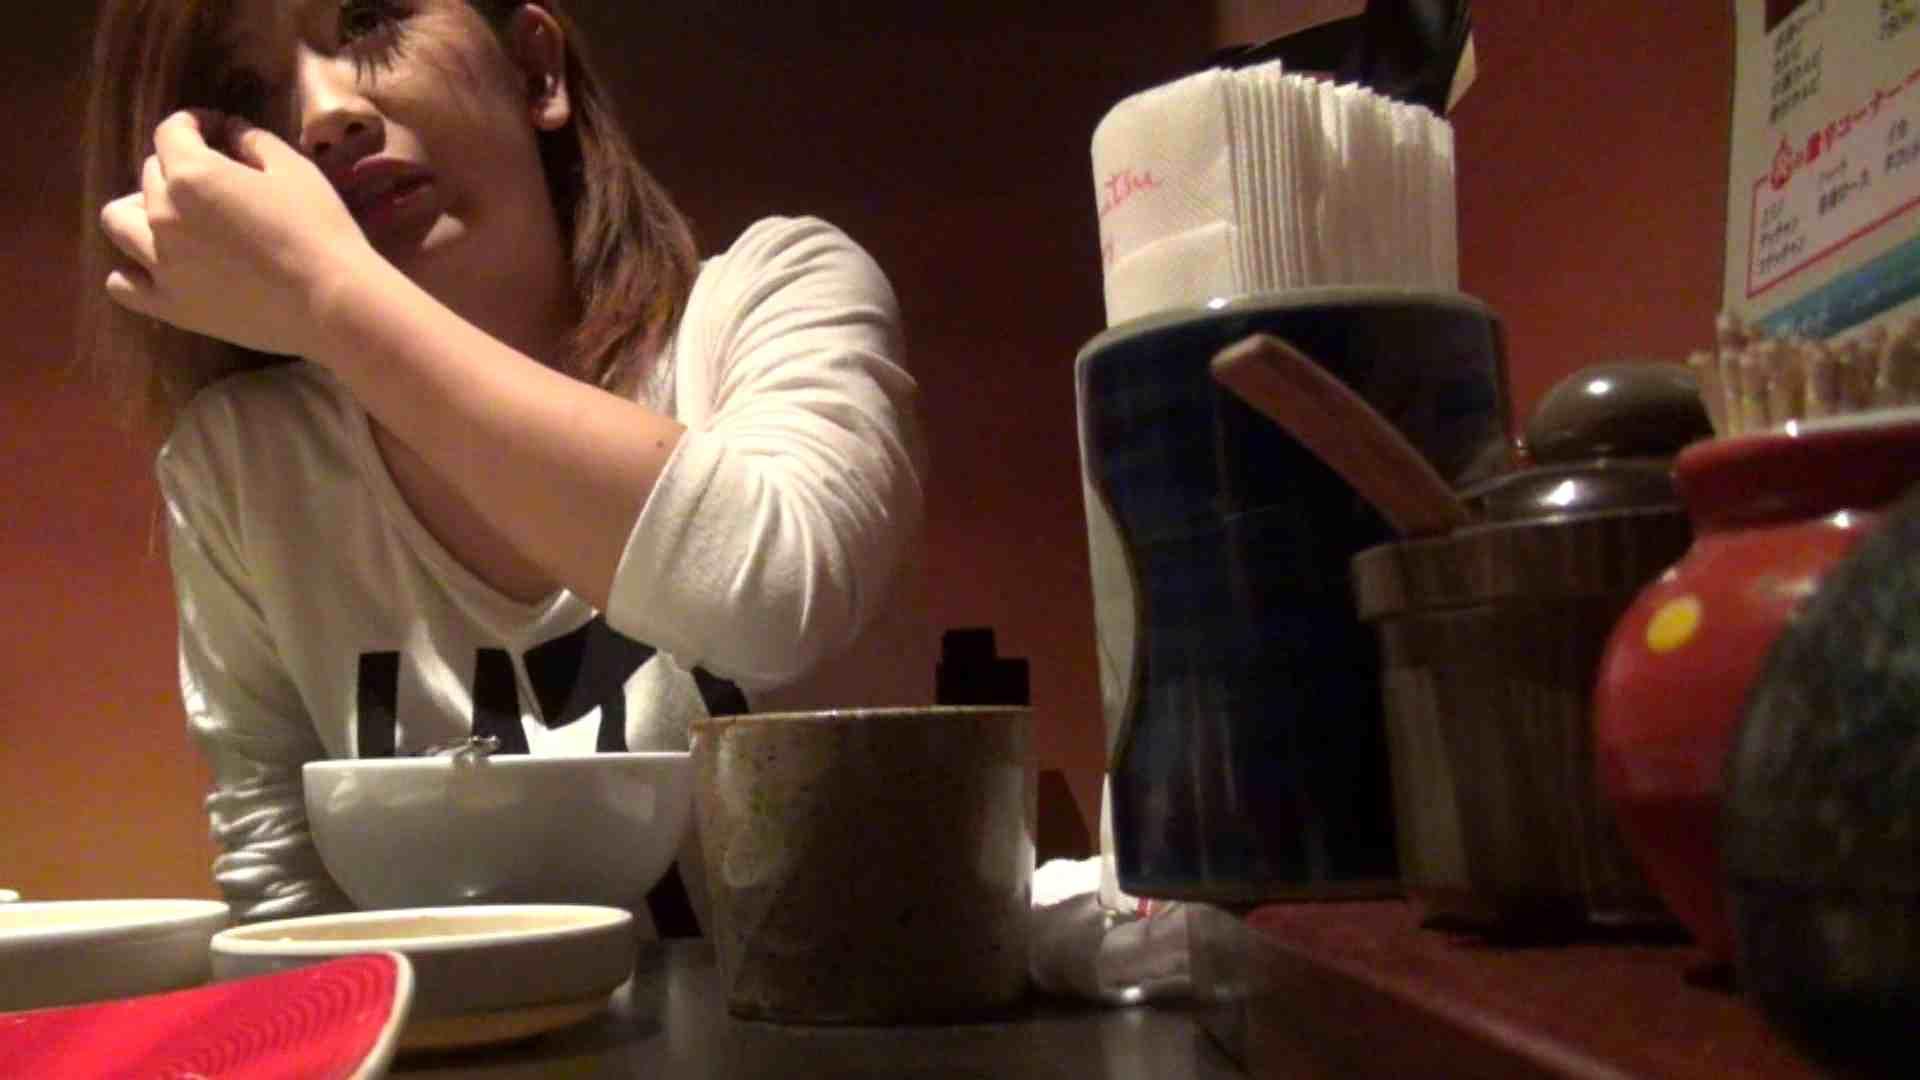 【出会い01】大助さんMちゃんと食事会 0 | 友人  53連発 40